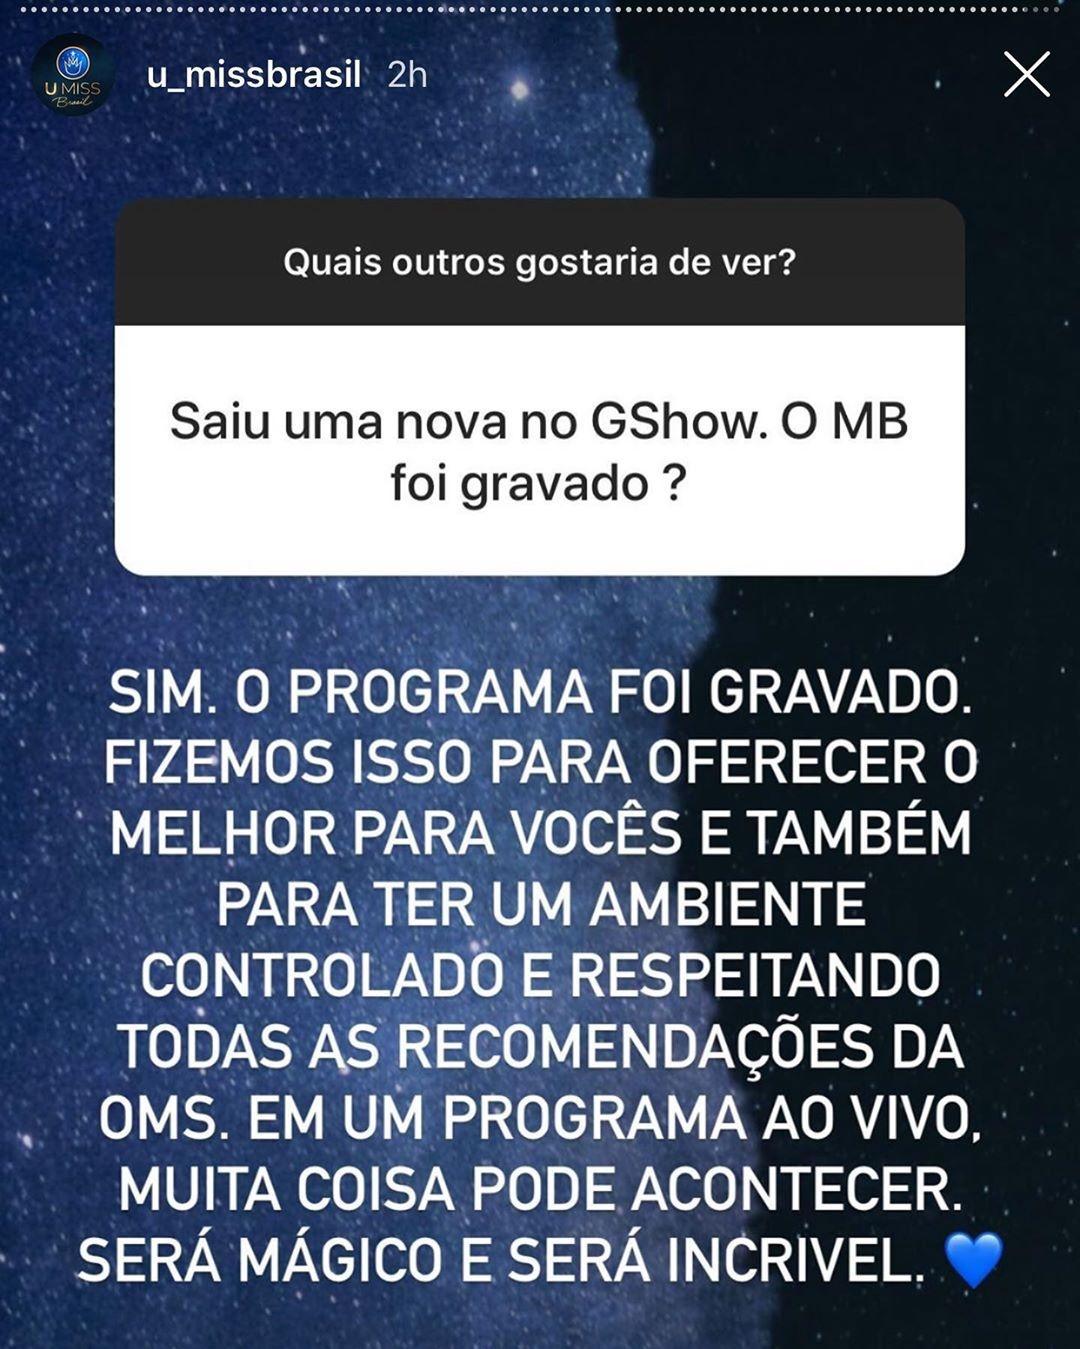 NOTÍCIAS SOBRE CONCURSOS DE BELEZA BRASILEIROS. - Página 4 2bxm4xfd